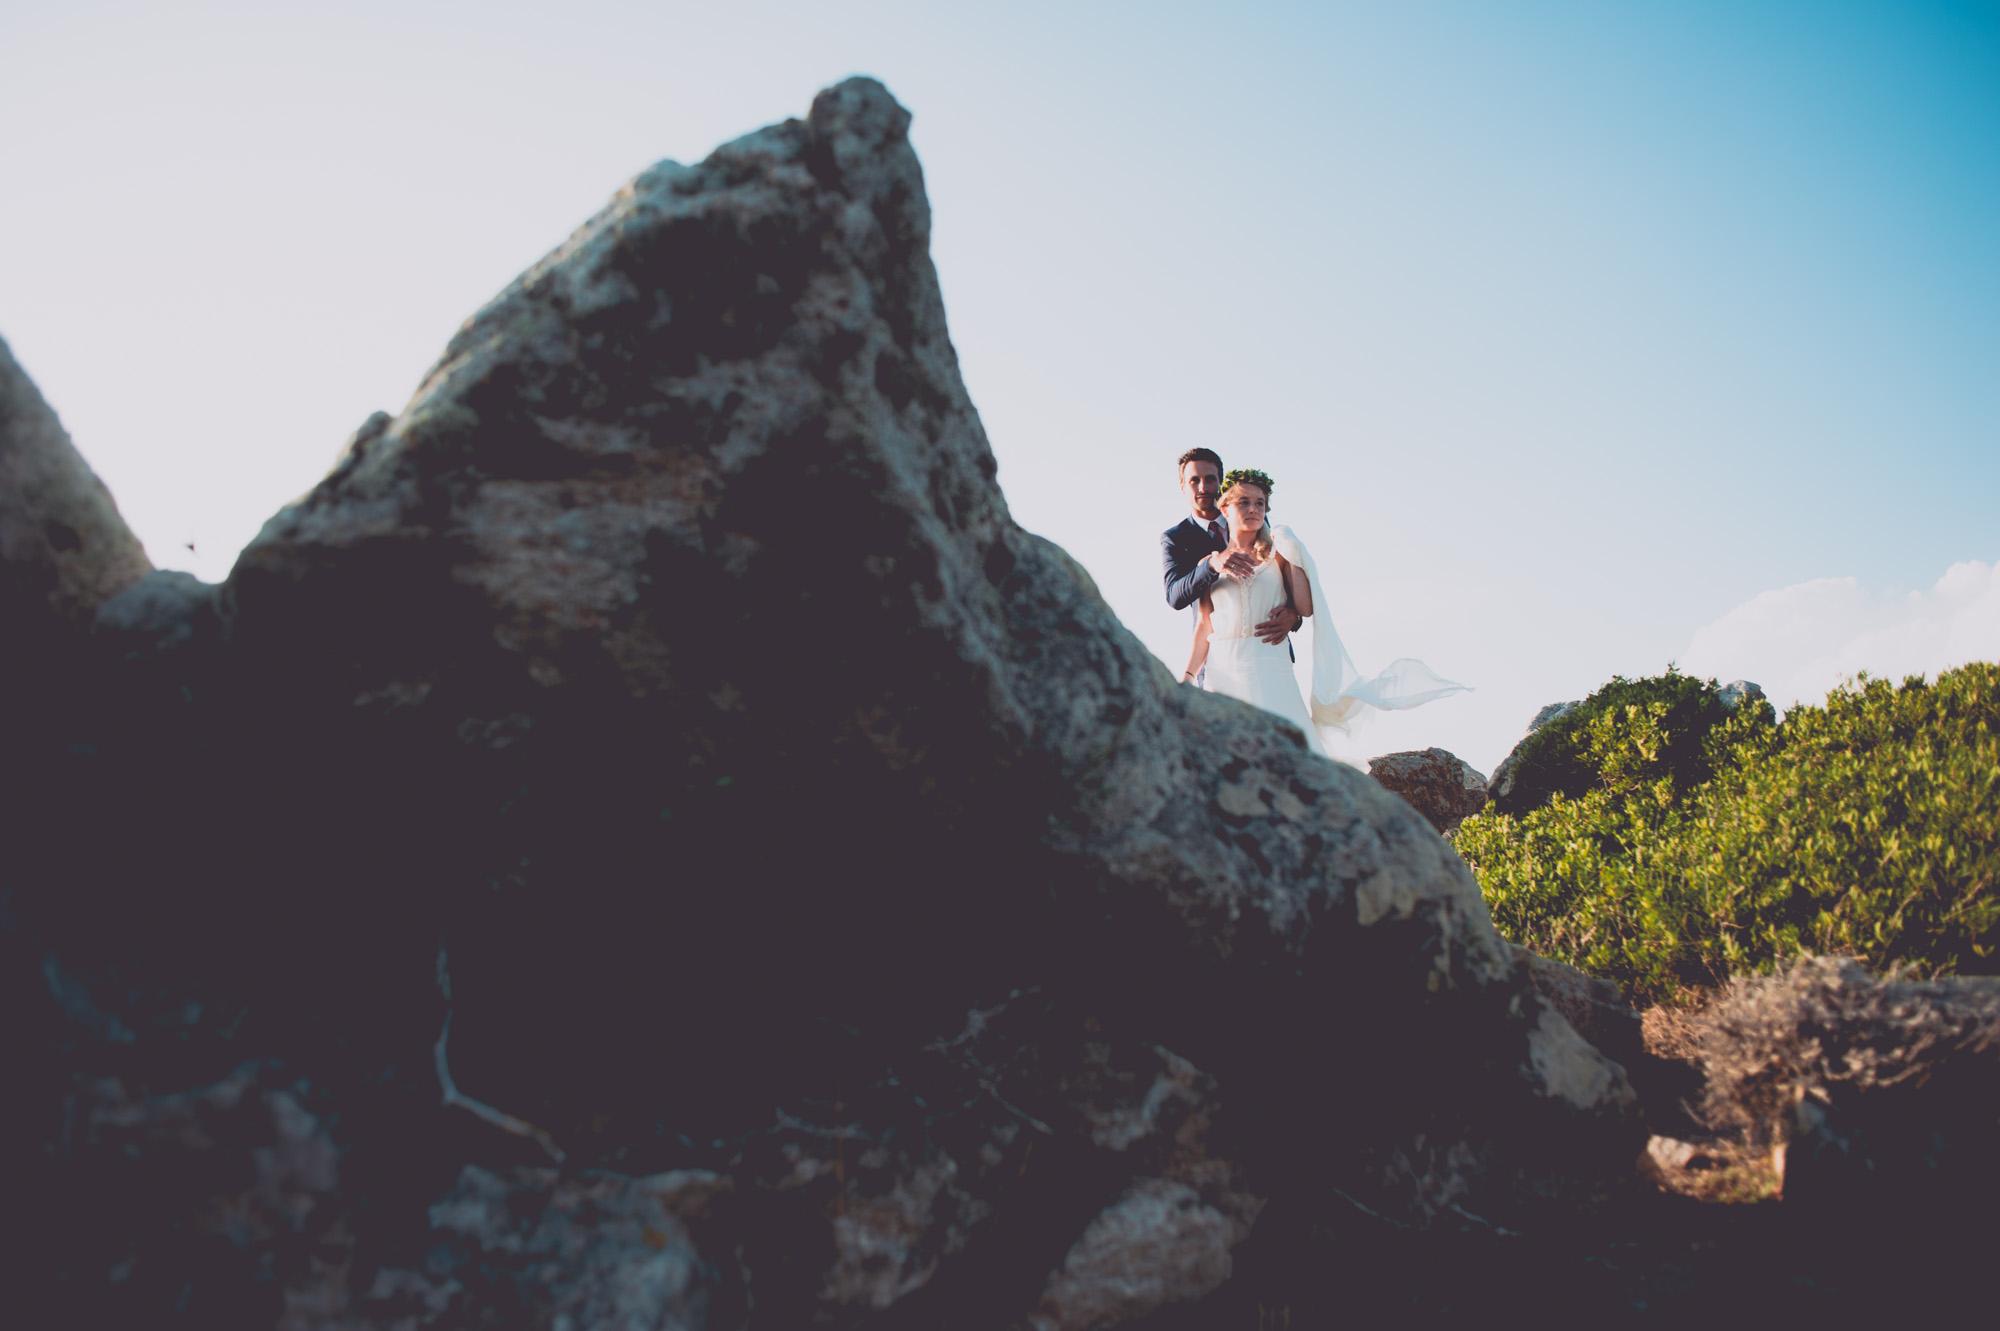 Photographe mariage bohème chic Corse Bonifacio - C et A (92)